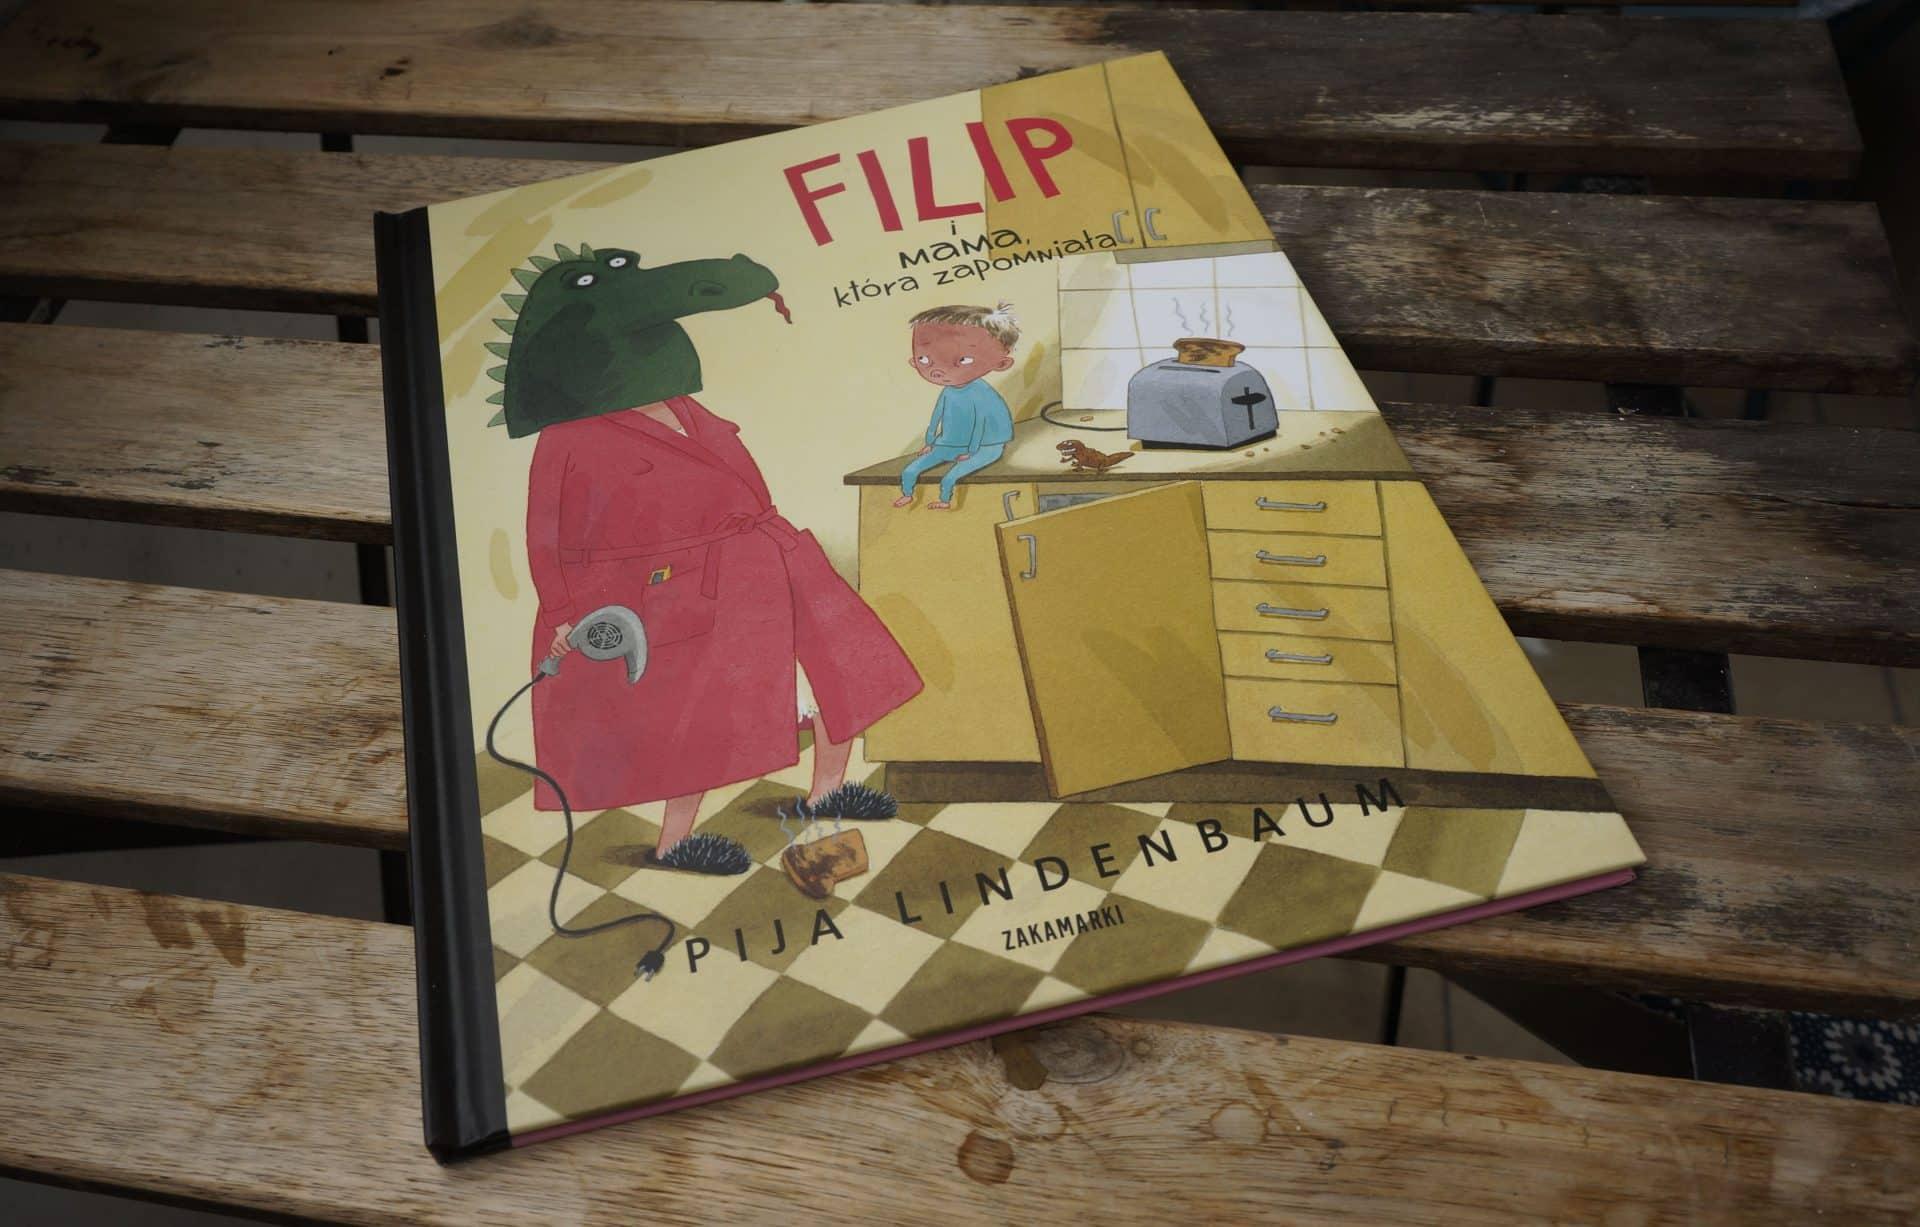 """""""Filip i mama która zapomniała"""", Pija Lindenbaum. To jedna z książek, które Książkoteka ma w swojej ofercie."""